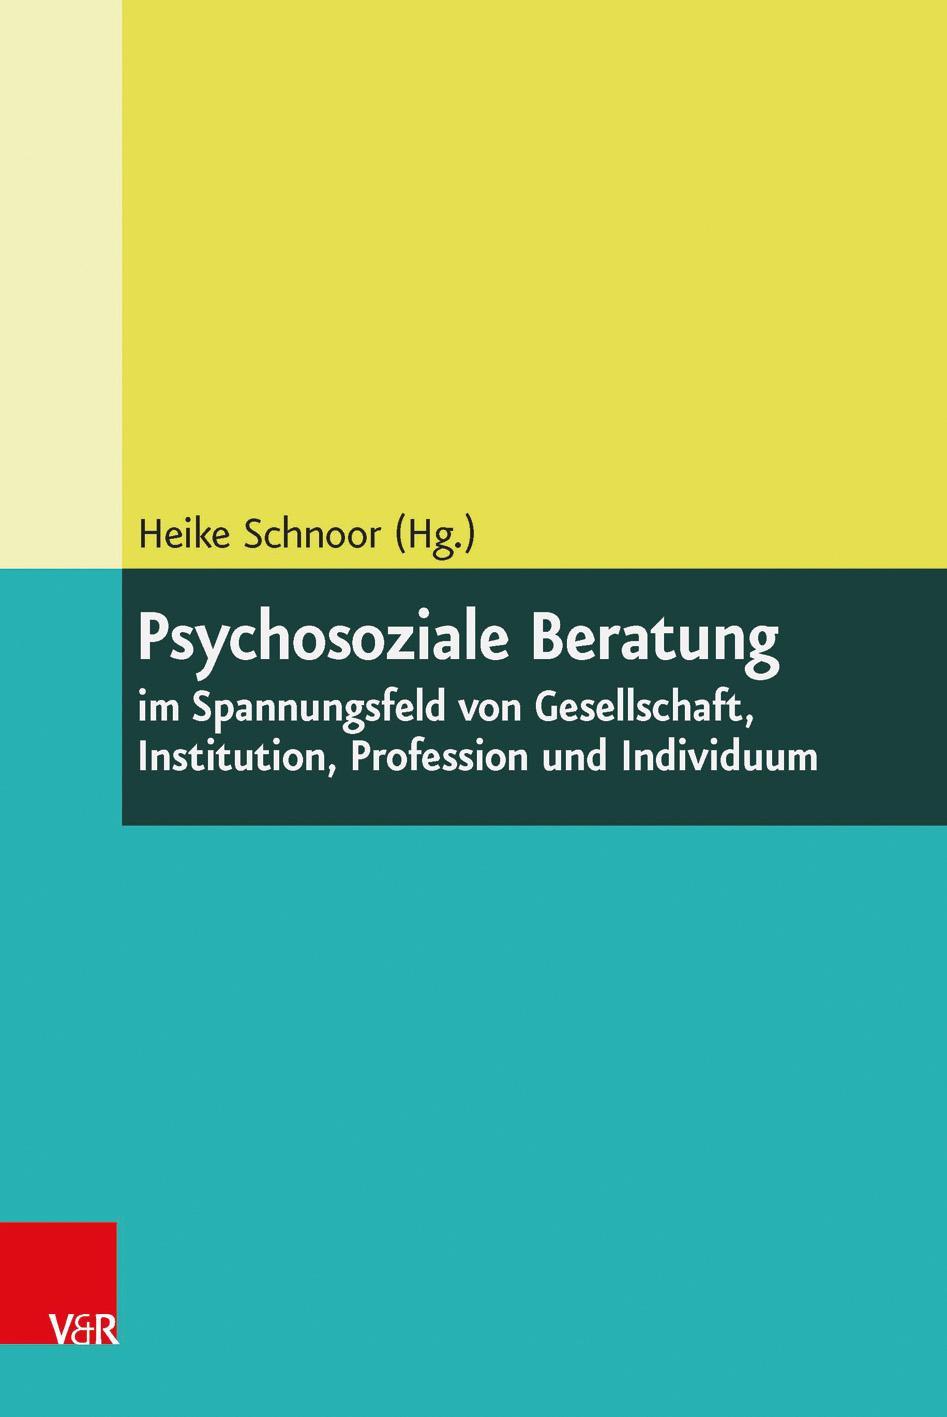 Psychosoziale Beratung im Spannungsfeld von Gesellschaft, Institution, Prof ...